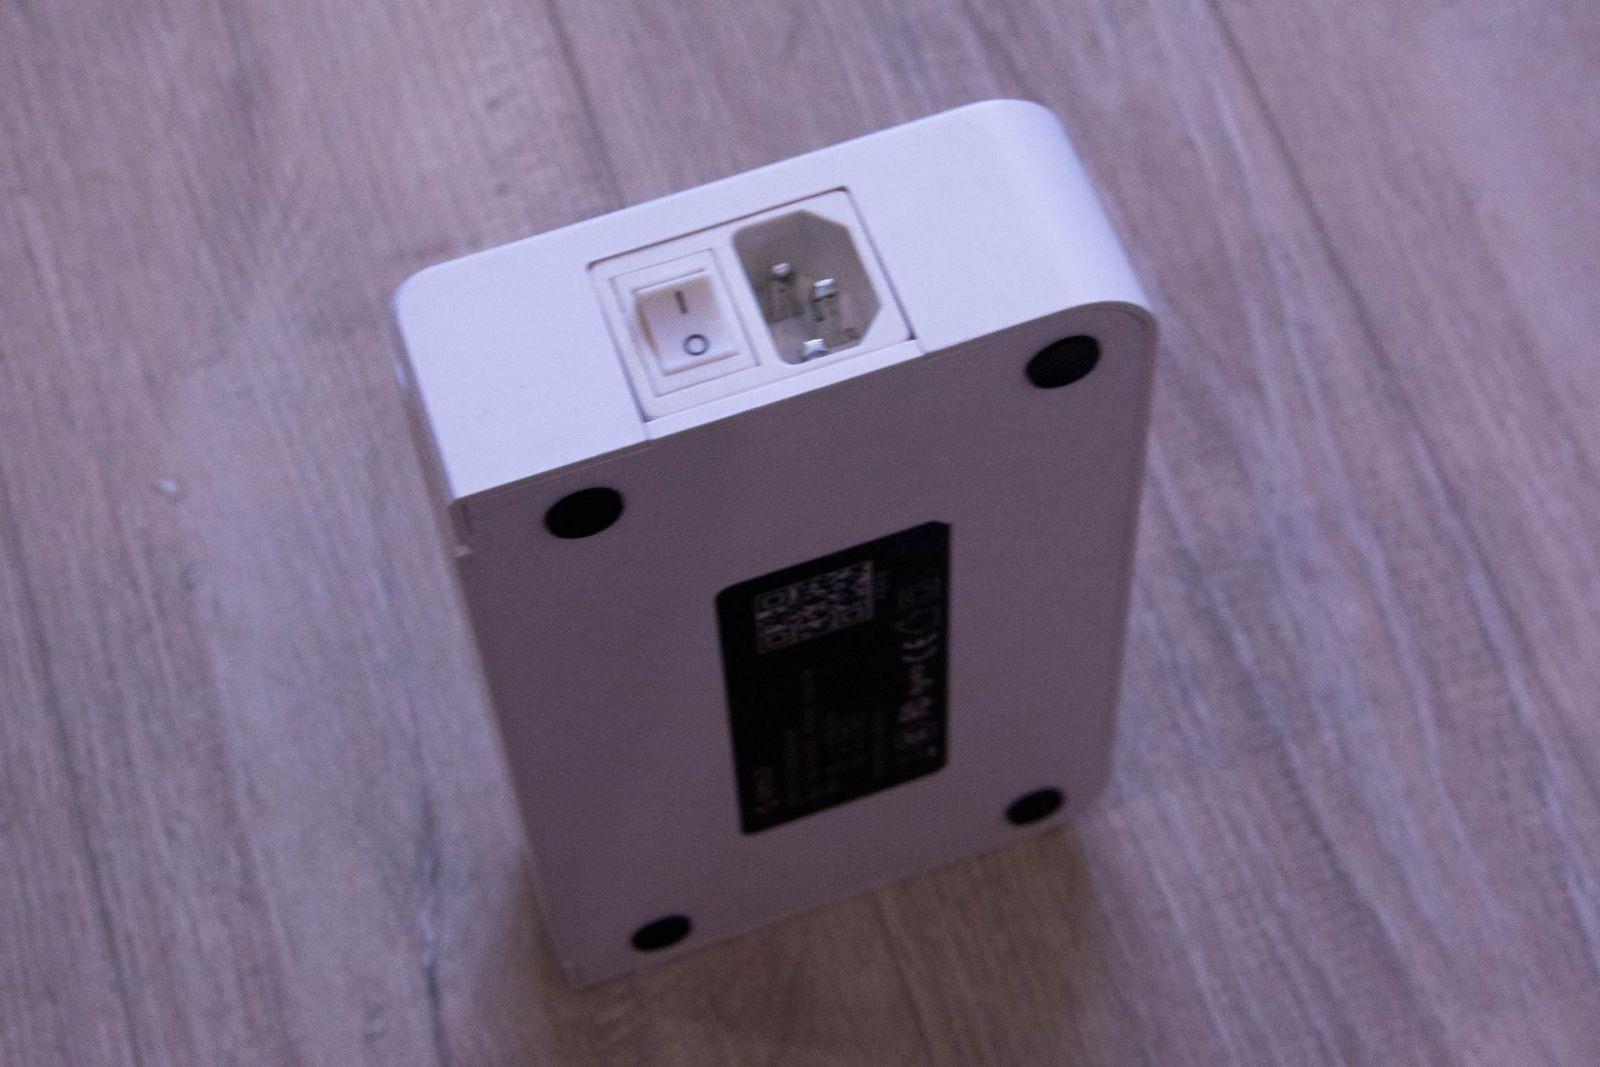 DSC 4008 - Заряжает! Обзор сетевого фильтра Orico OSC-4A4U